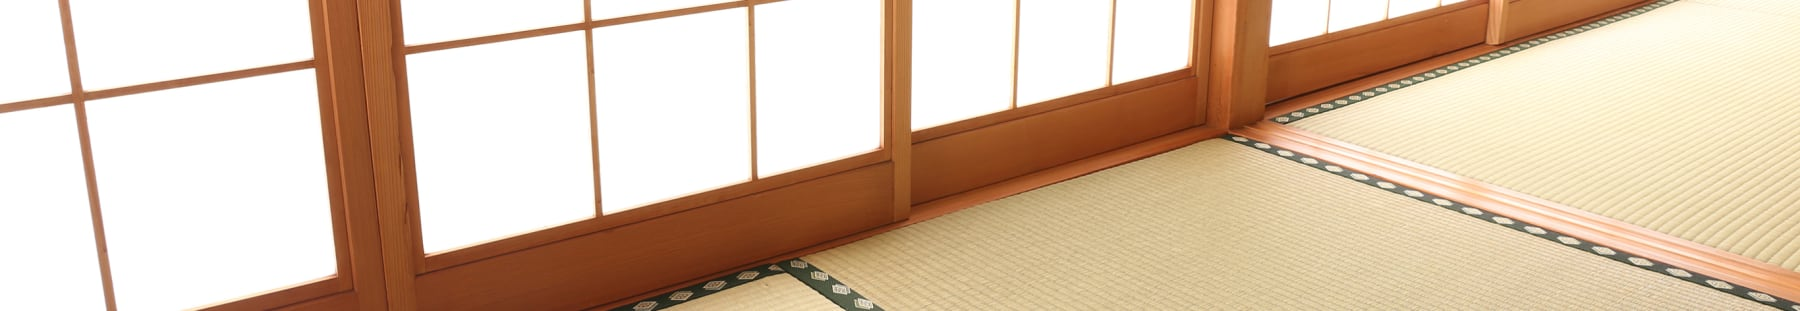 桜川駅(大阪府)の畳付きなレンタルスペース